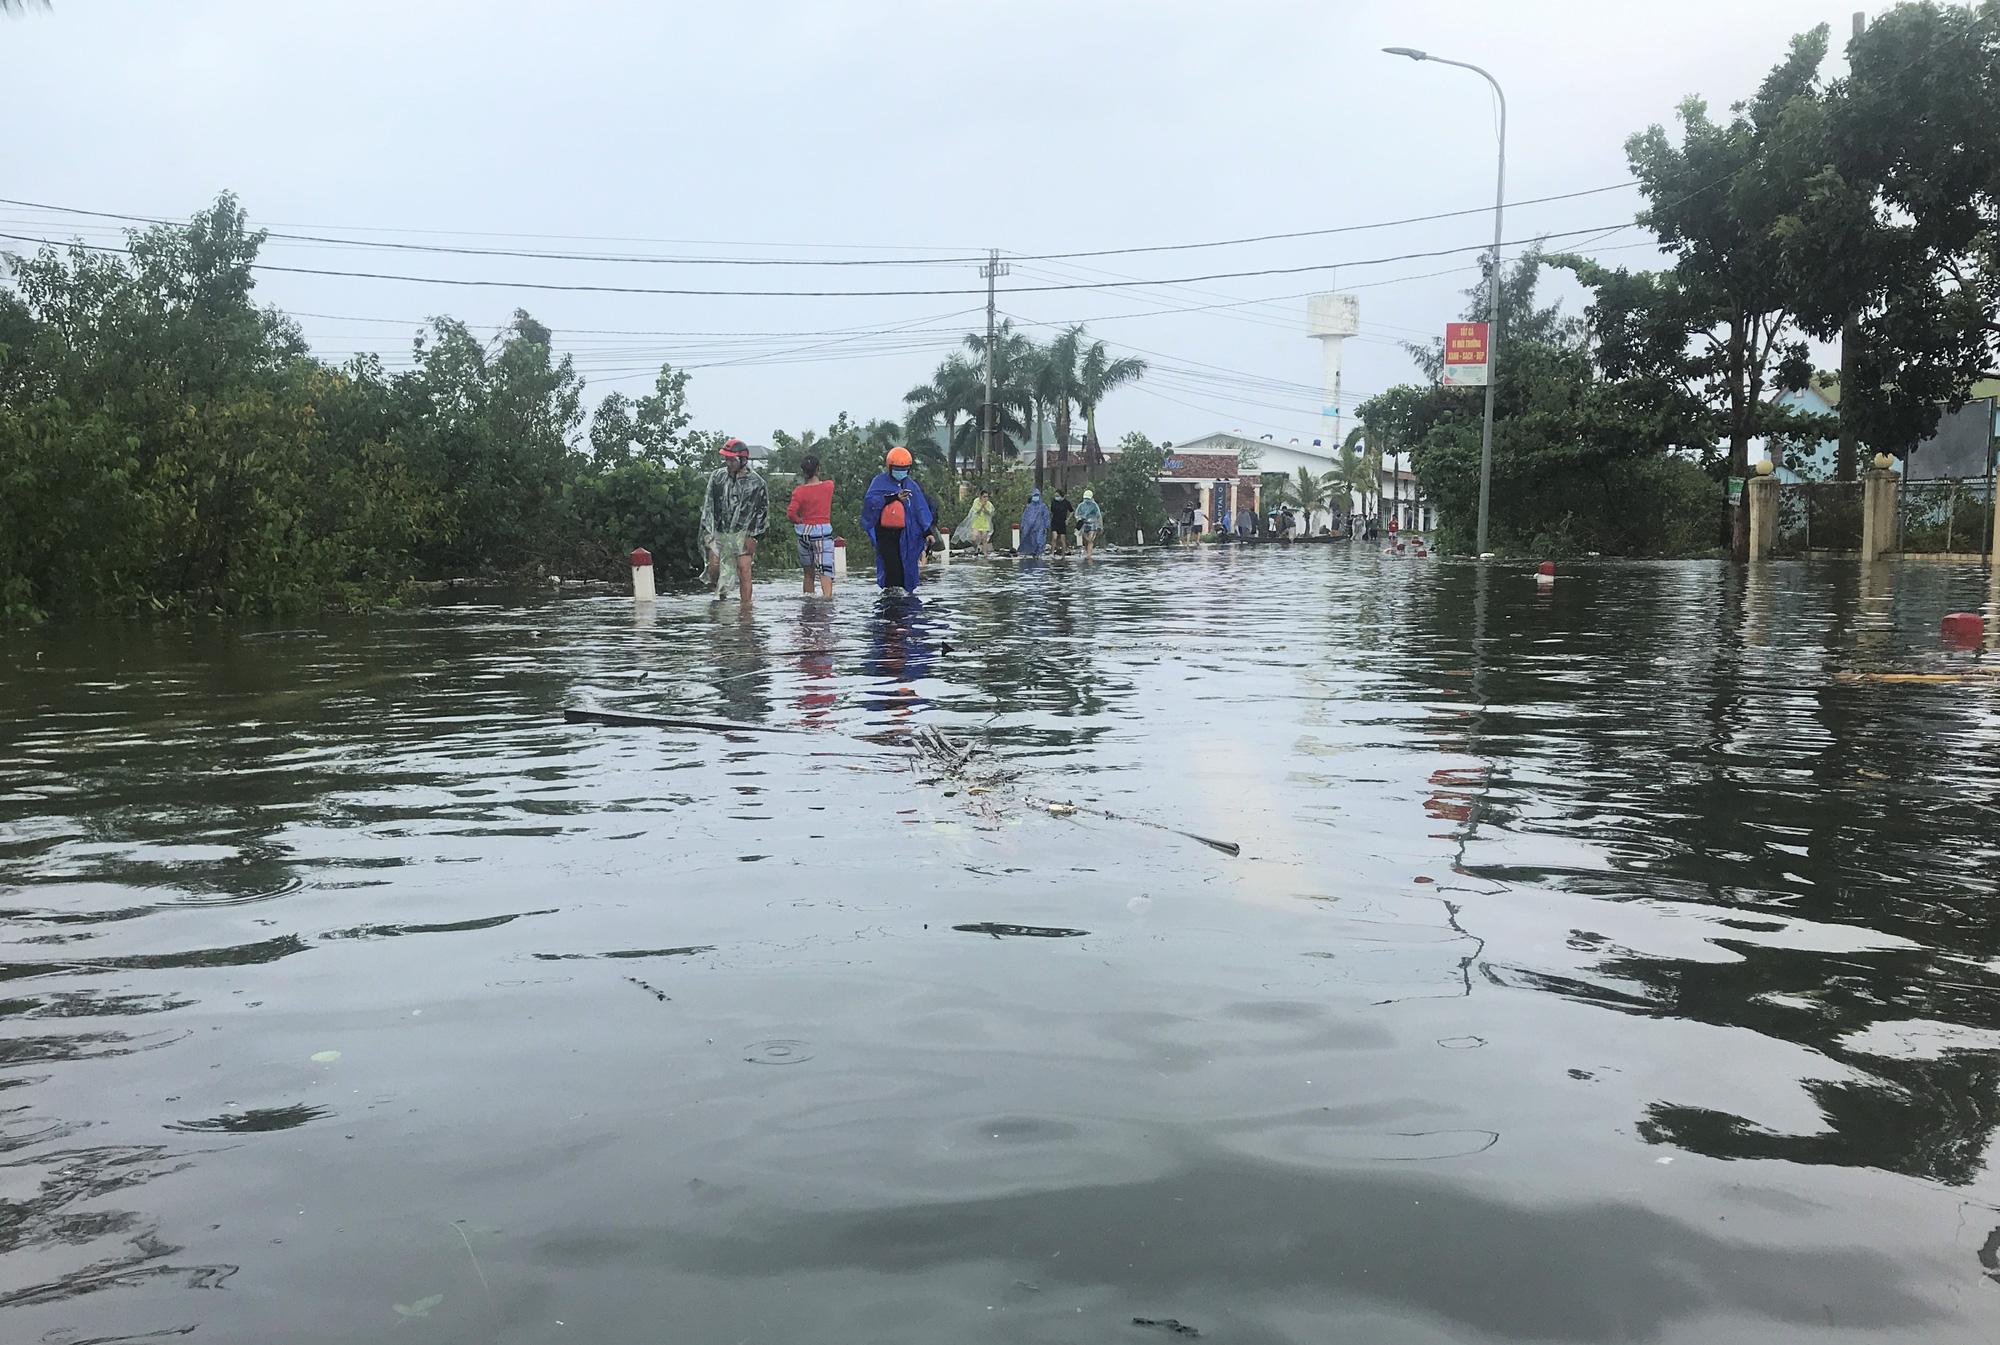 VIDEO: Lũ lụt biến khu nghỉ dưỡng 4 sao thành nơi đánh cá lý tưởng - Ảnh 3.